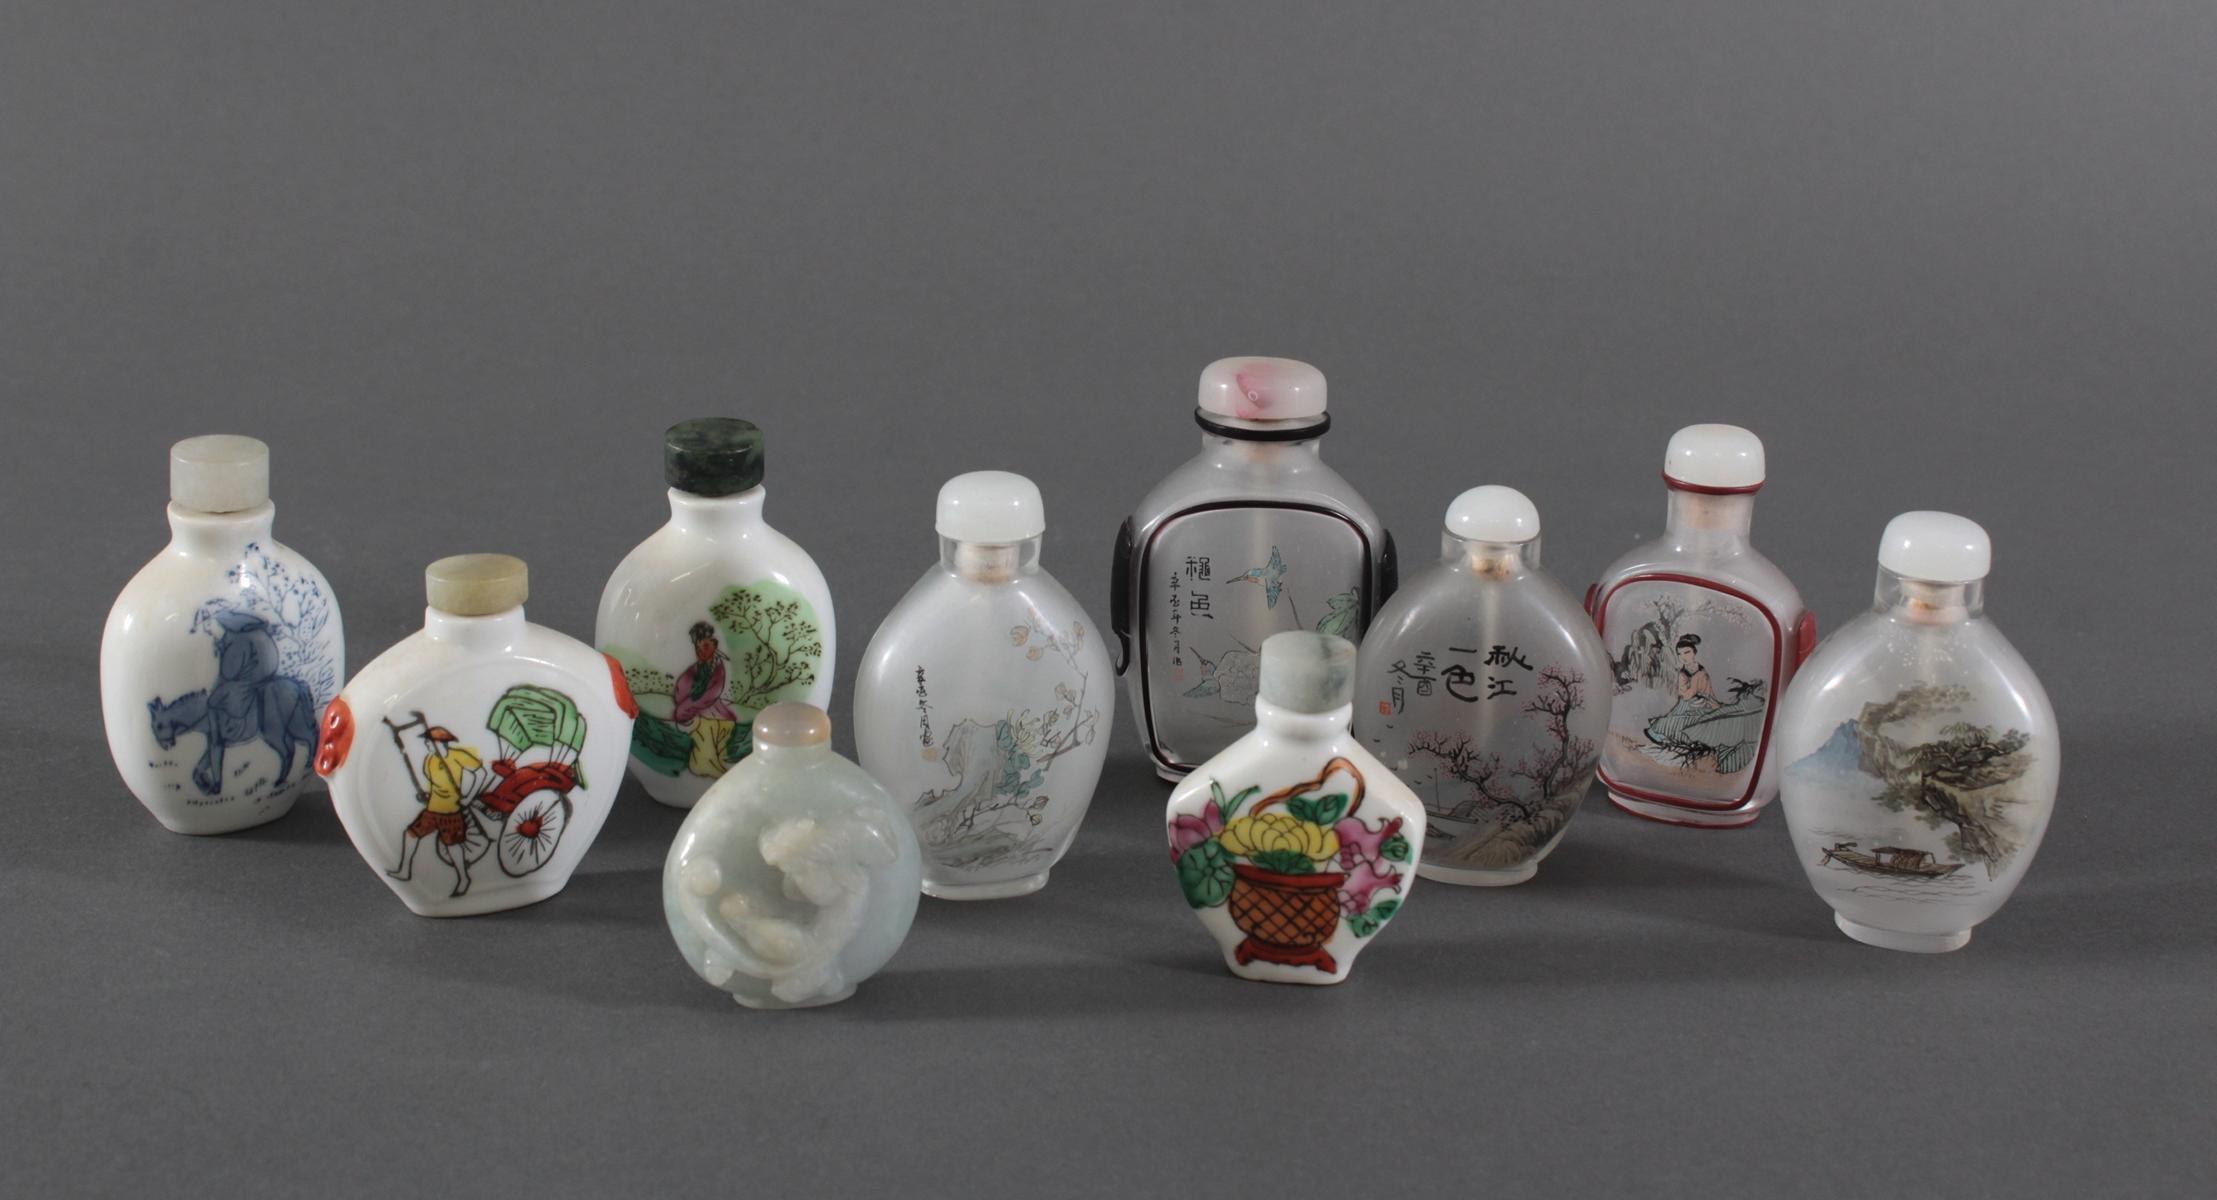 Sammlung Snuff bottles aus Glas, Jade und Porzellan, 10 Stück